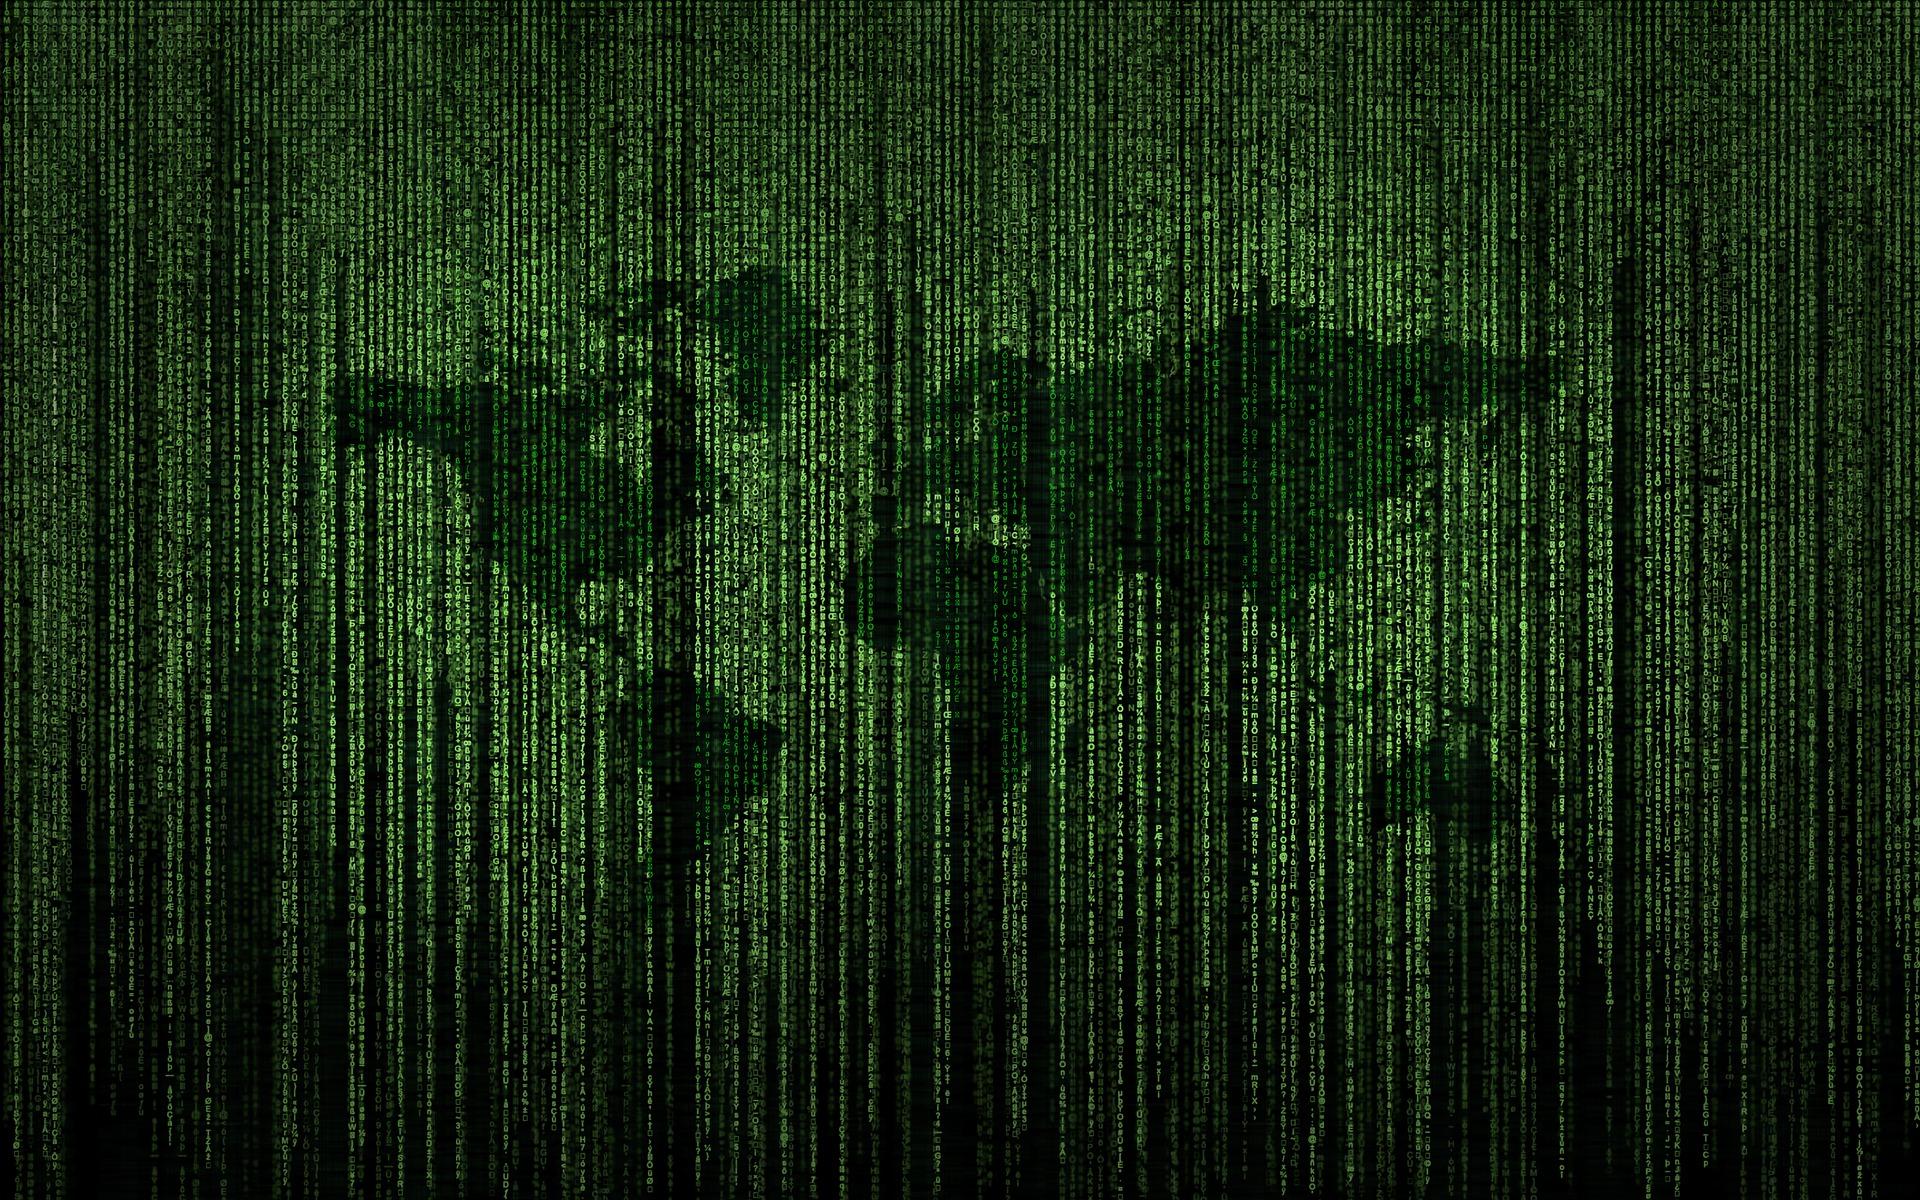 Cyberattaque mondiale: des discours alarmistes remis en cause par les experts de la cybersécurité